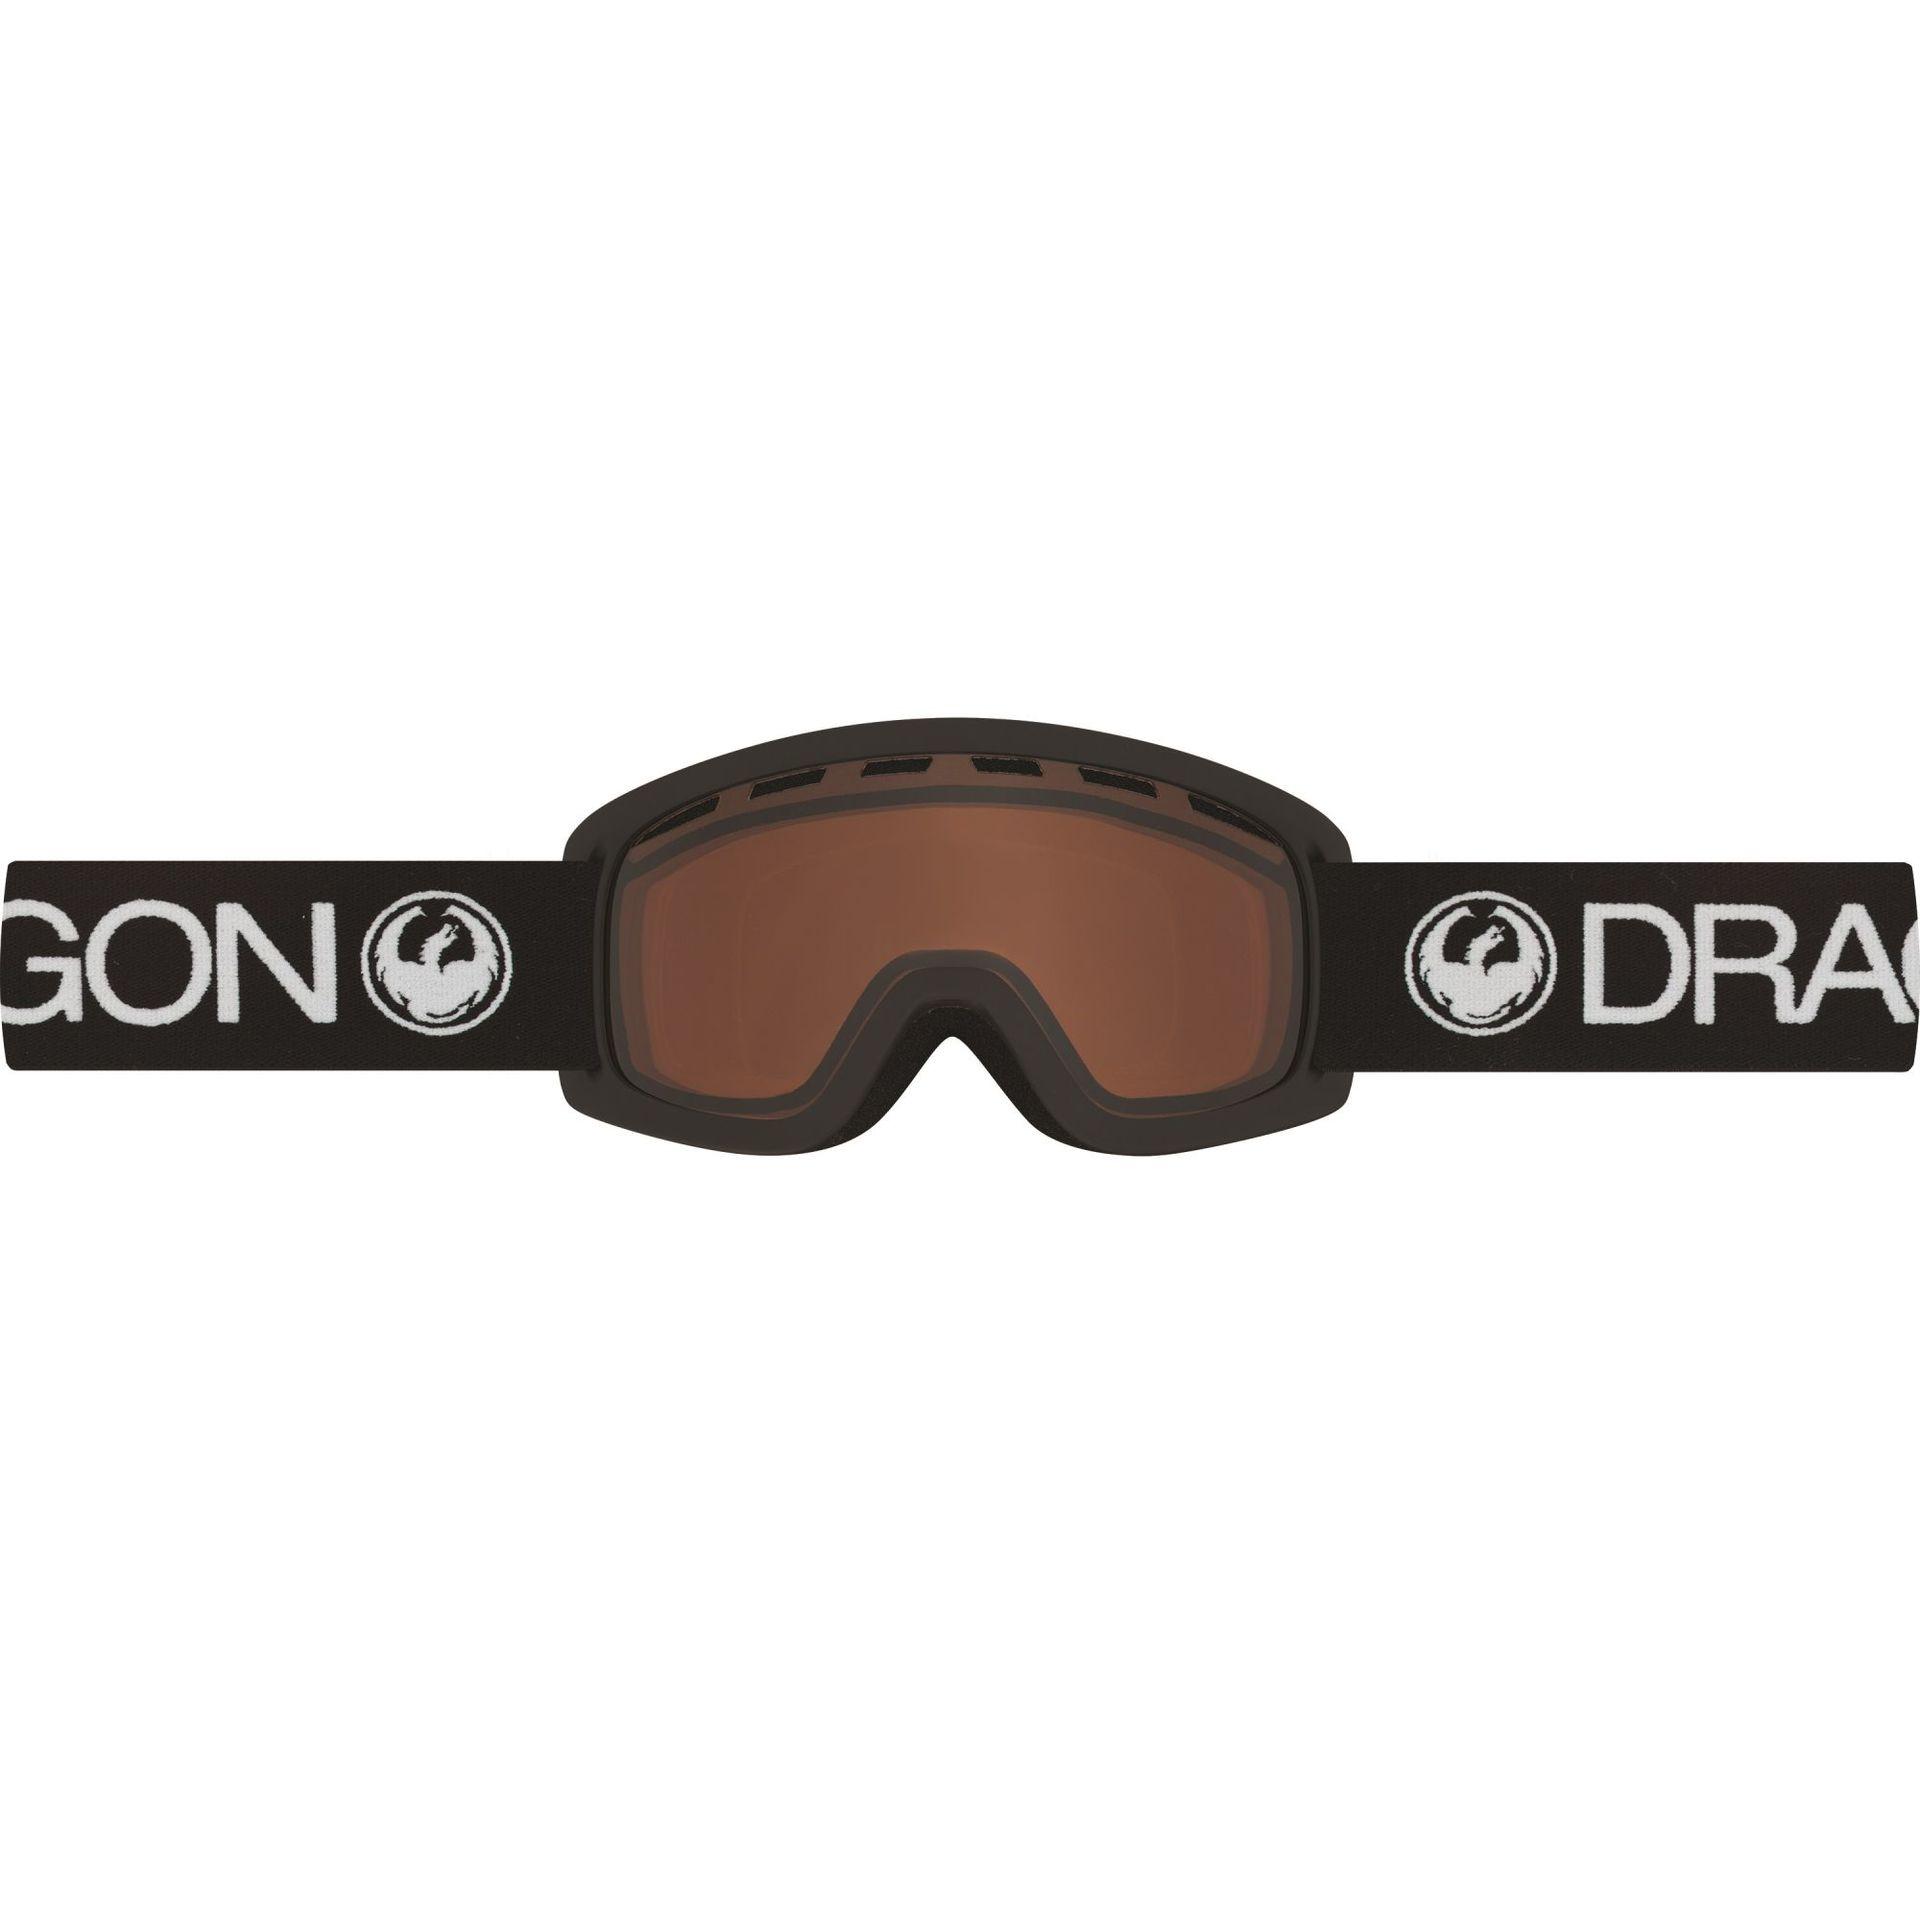 GOGLE DRAGON LIL D 5496 1